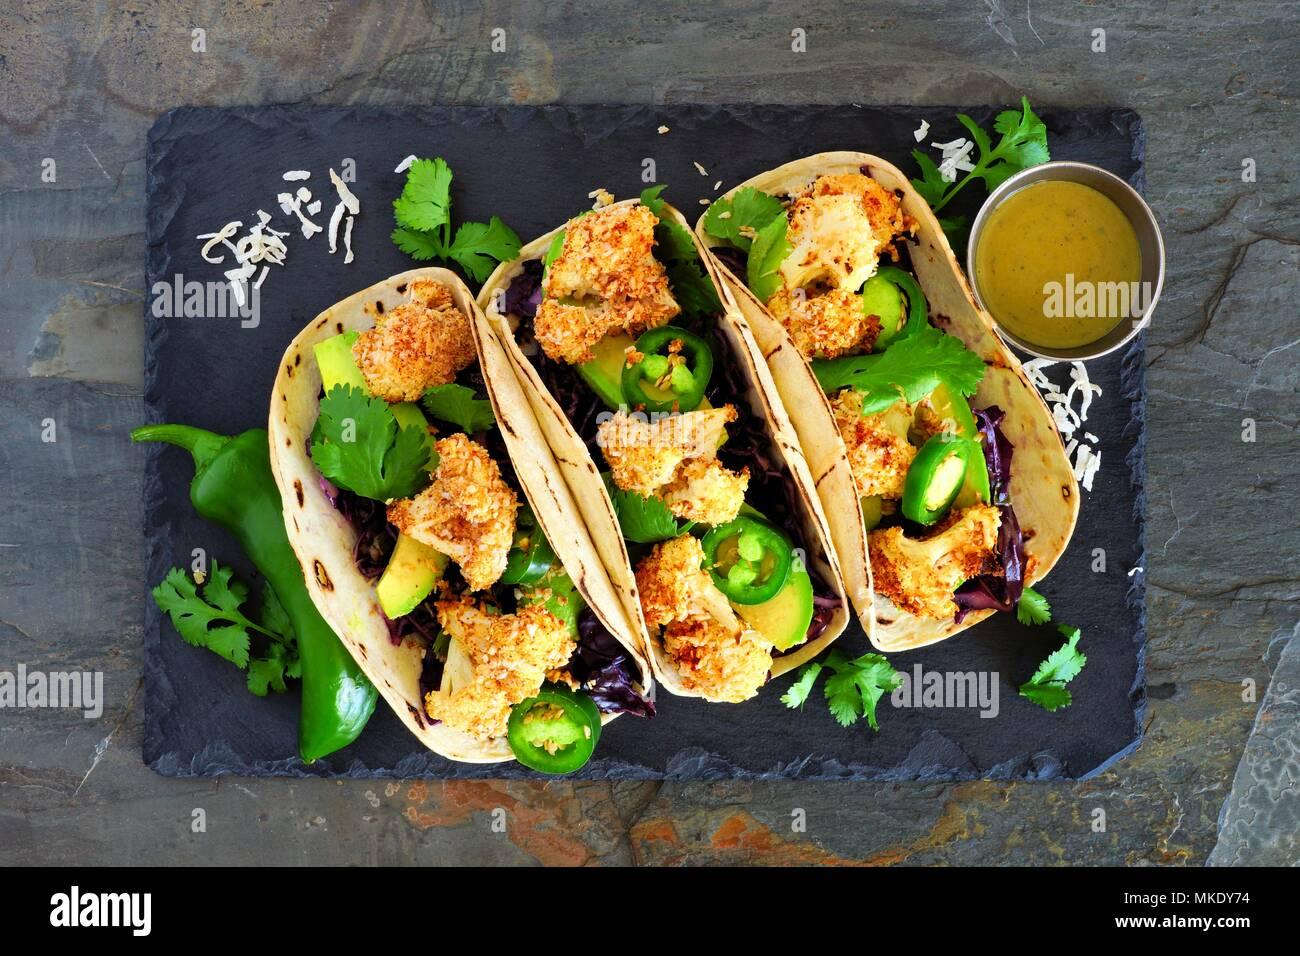 Arrosto di cavolfiore noce di cocco tacos. Sana, pasto vegano. Al di sopra di visualizzare su un ardesia scura sullo sfondo di pietra. Immagini Stock